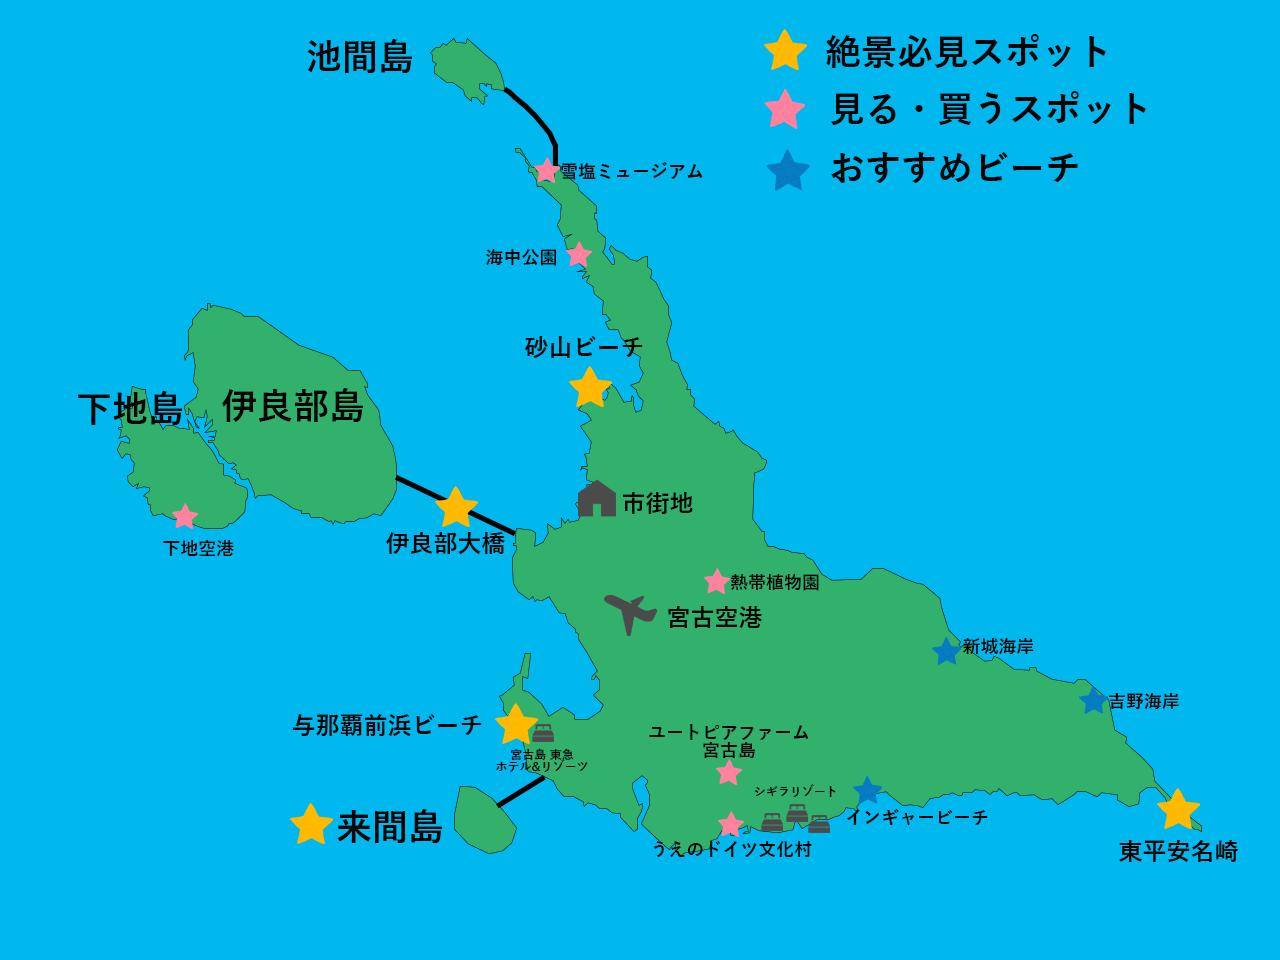 宮古島・観光地およびビーチマップ